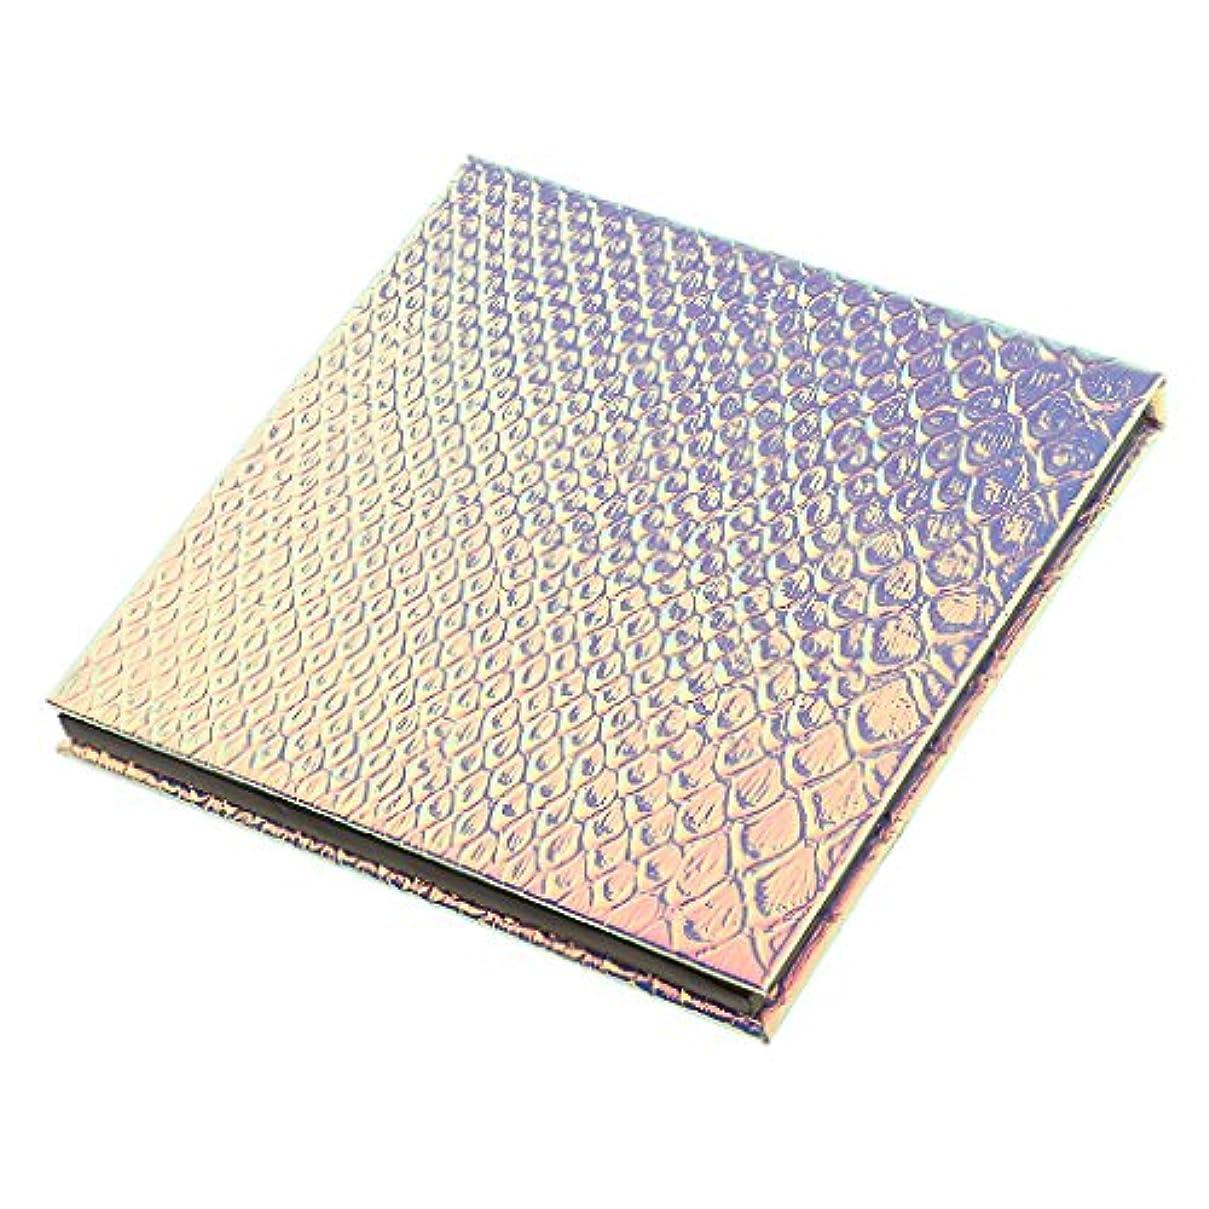 低下未亡人調整するBaosity 磁気パレットボックス 空の磁気パレット メイクアップ 化粧 コスメ 収納 ボックス 全2サイズ選べ - 10x10cm